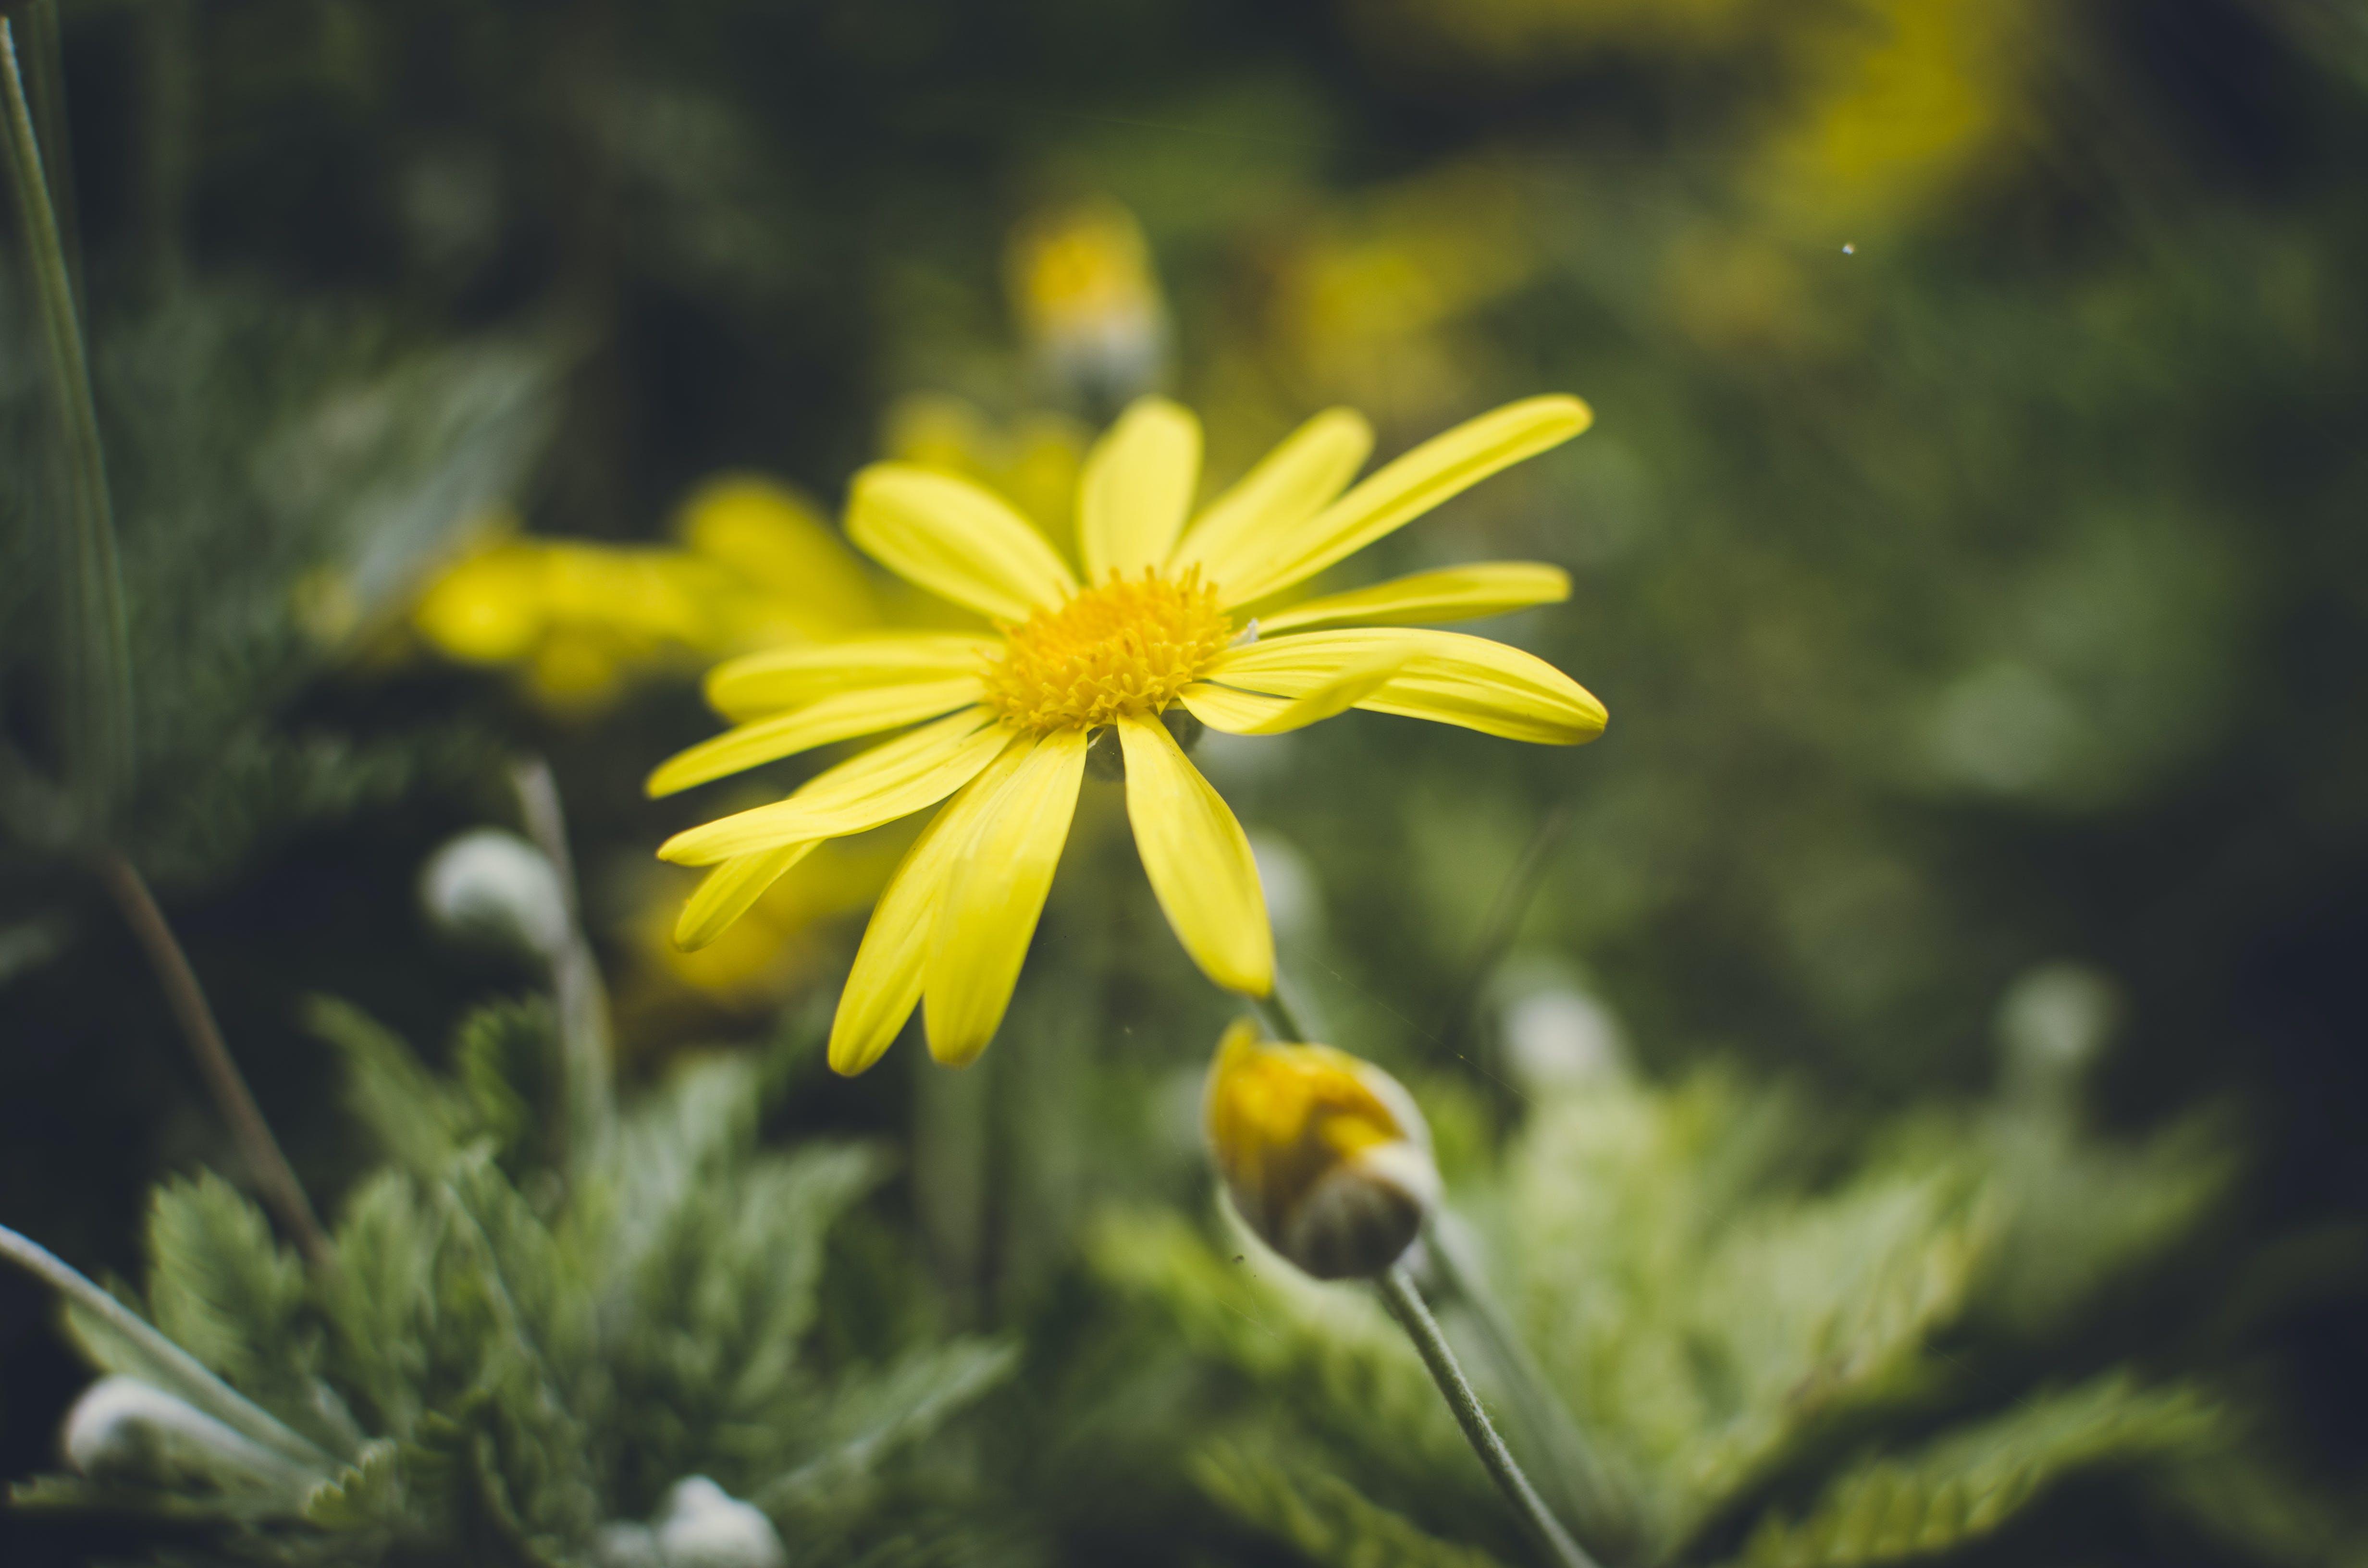 คลังภาพถ่ายฟรี ของ กลีบดอก, การเจริญเติบโต, กำลังบาน, ดอกตูม